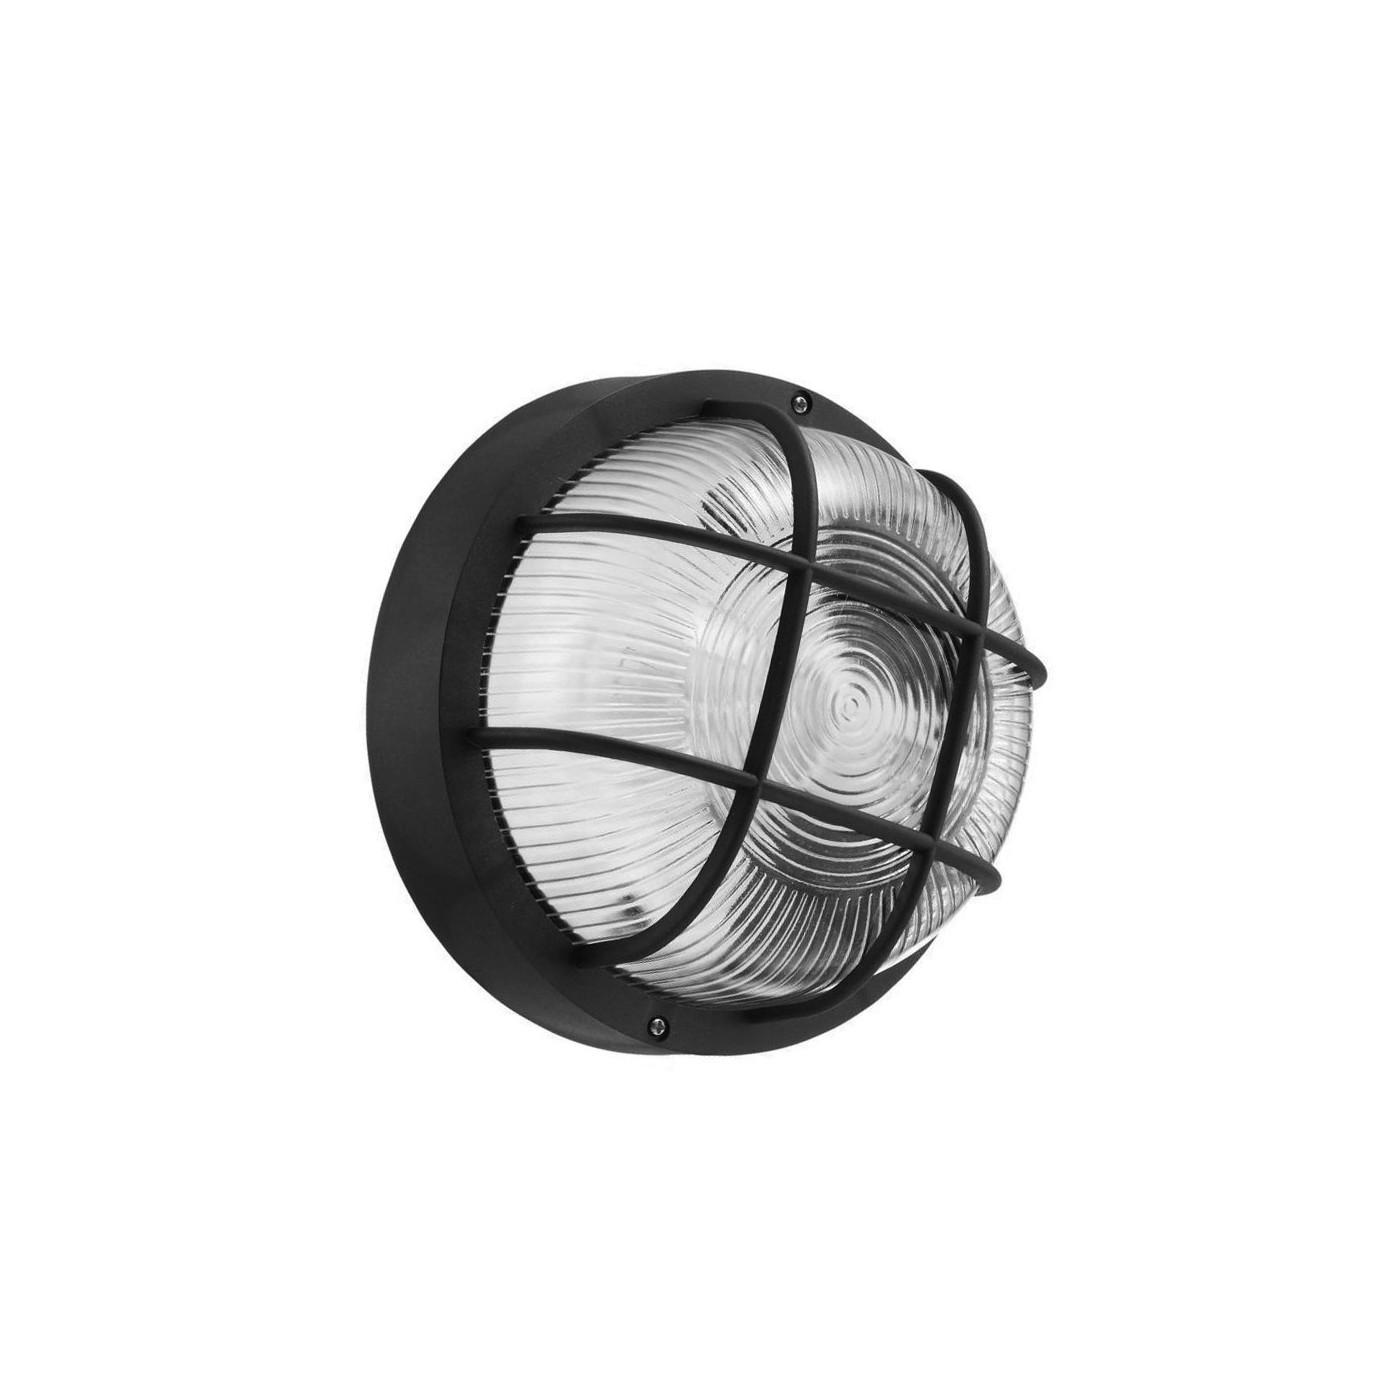 Round bullseye (bulleye) outdoor lamp, black E27